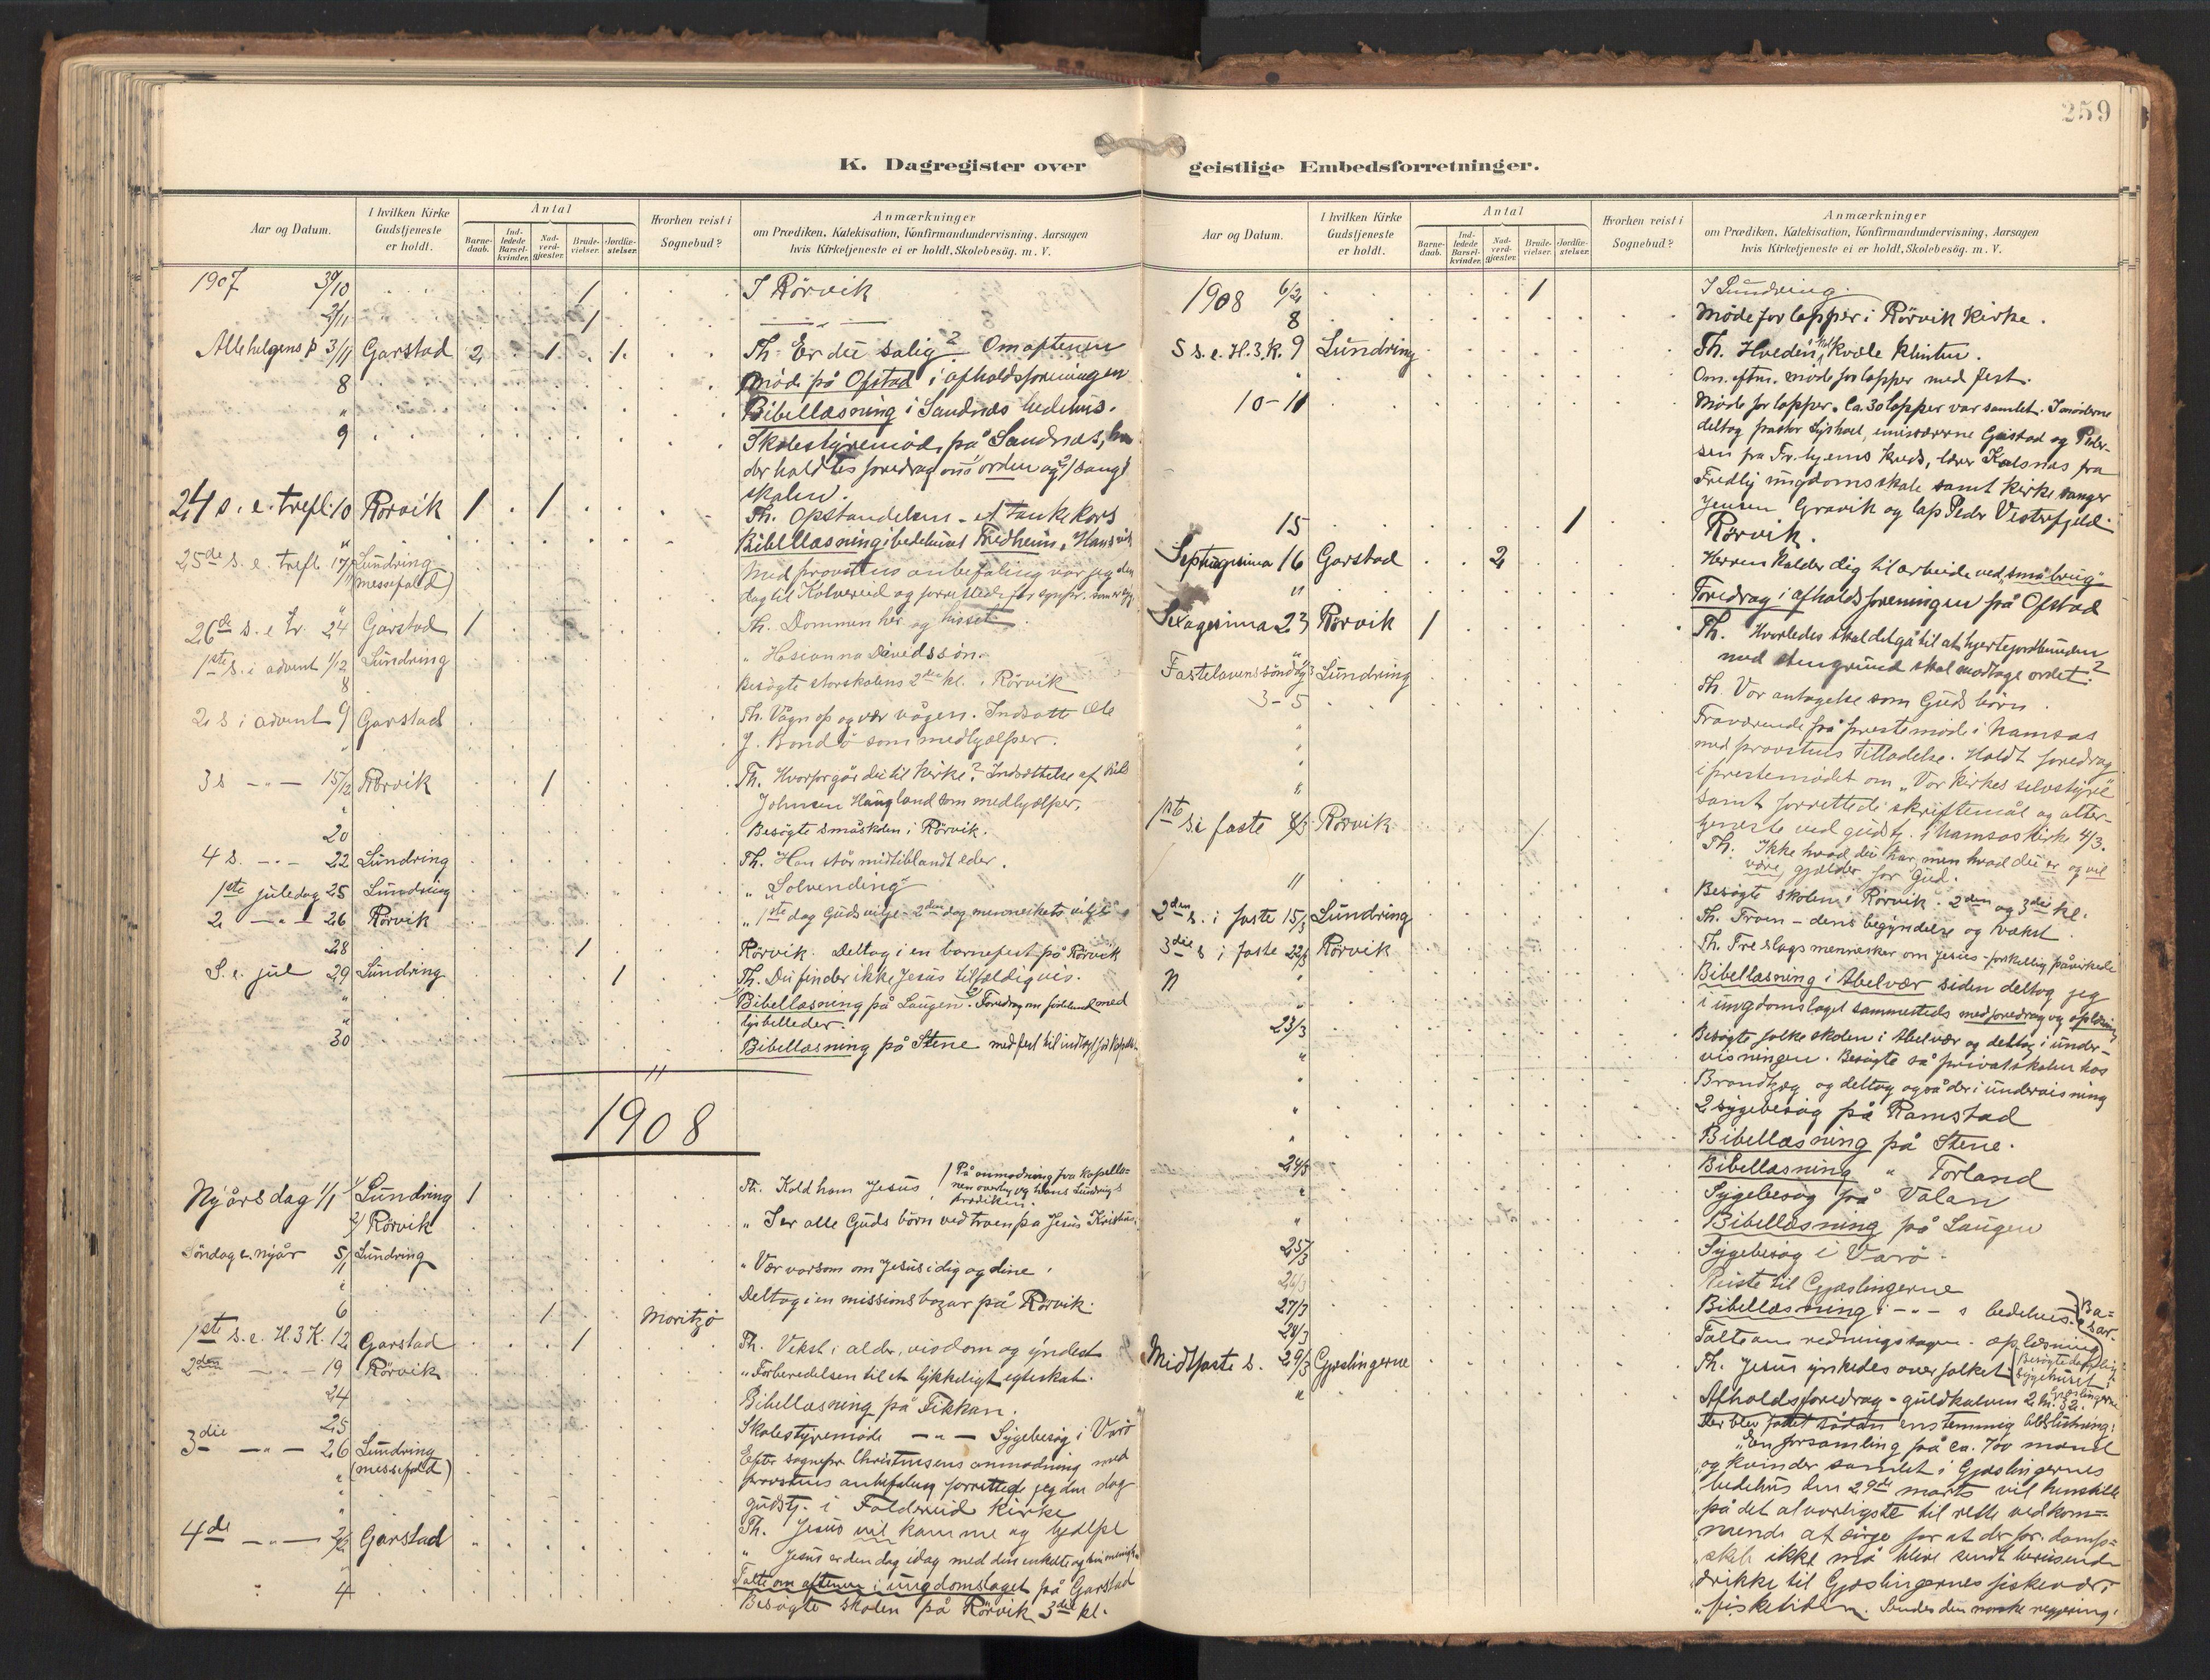 SAT, Ministerialprotokoller, klokkerbøker og fødselsregistre - Nord-Trøndelag, 784/L0677: Ministerialbok nr. 784A12, 1900-1920, s. 259